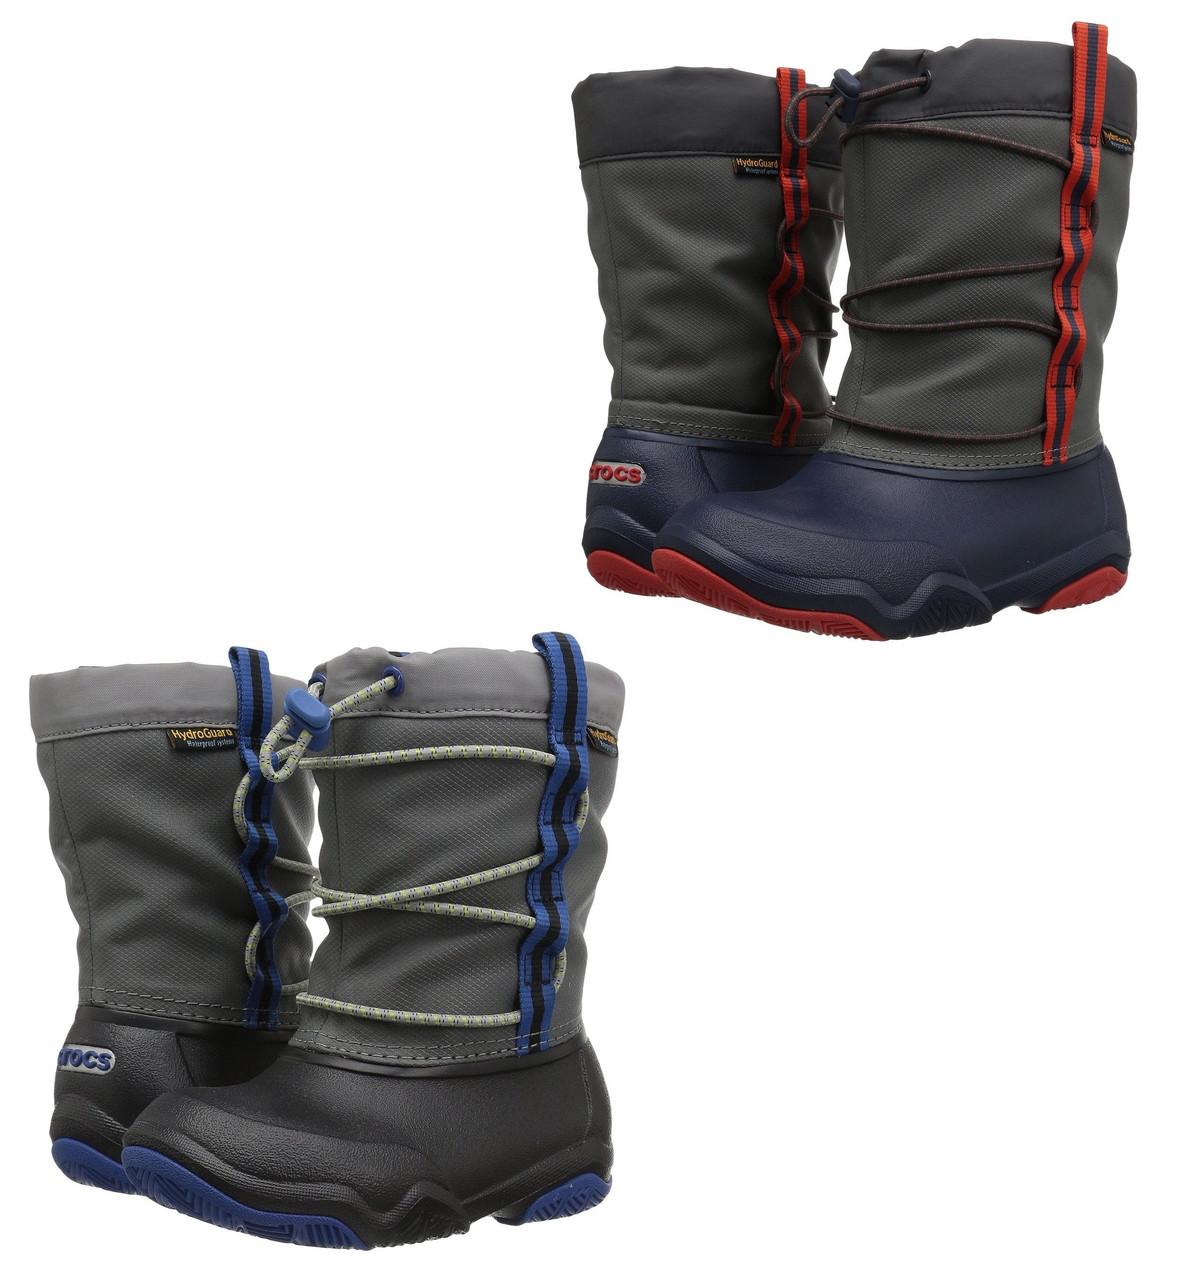 Сапоги зимние для мальчика Crocs Kids Swiftwater Waterproof Boot / сноубутсы непромокаемые с затяжкой